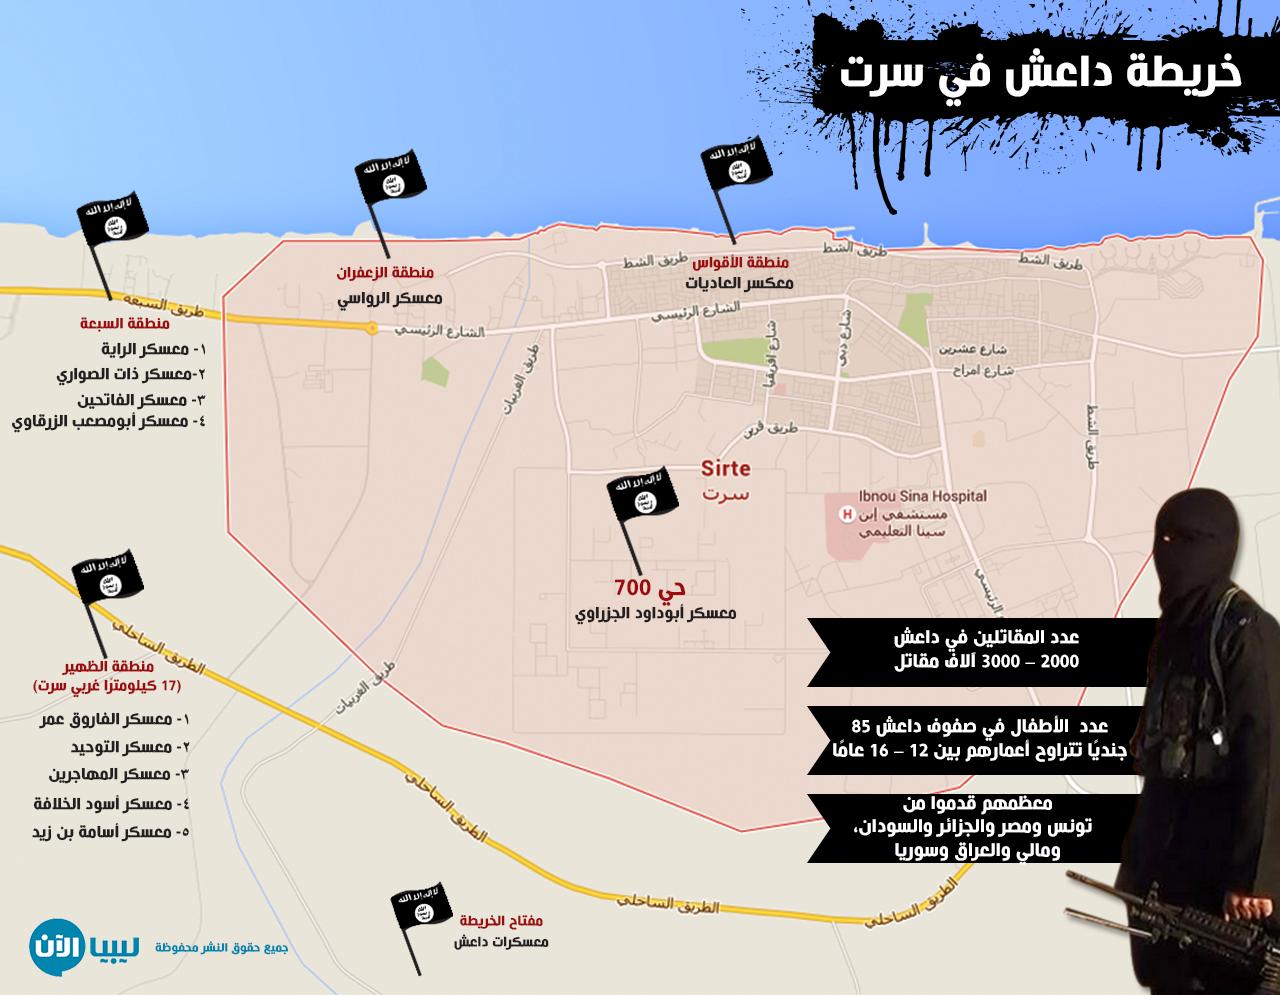 #ليبيا_الآن انفوجرافيك| تعرف على خريطة #داعش في #سرت https://t.co/h9jjuqDNcP